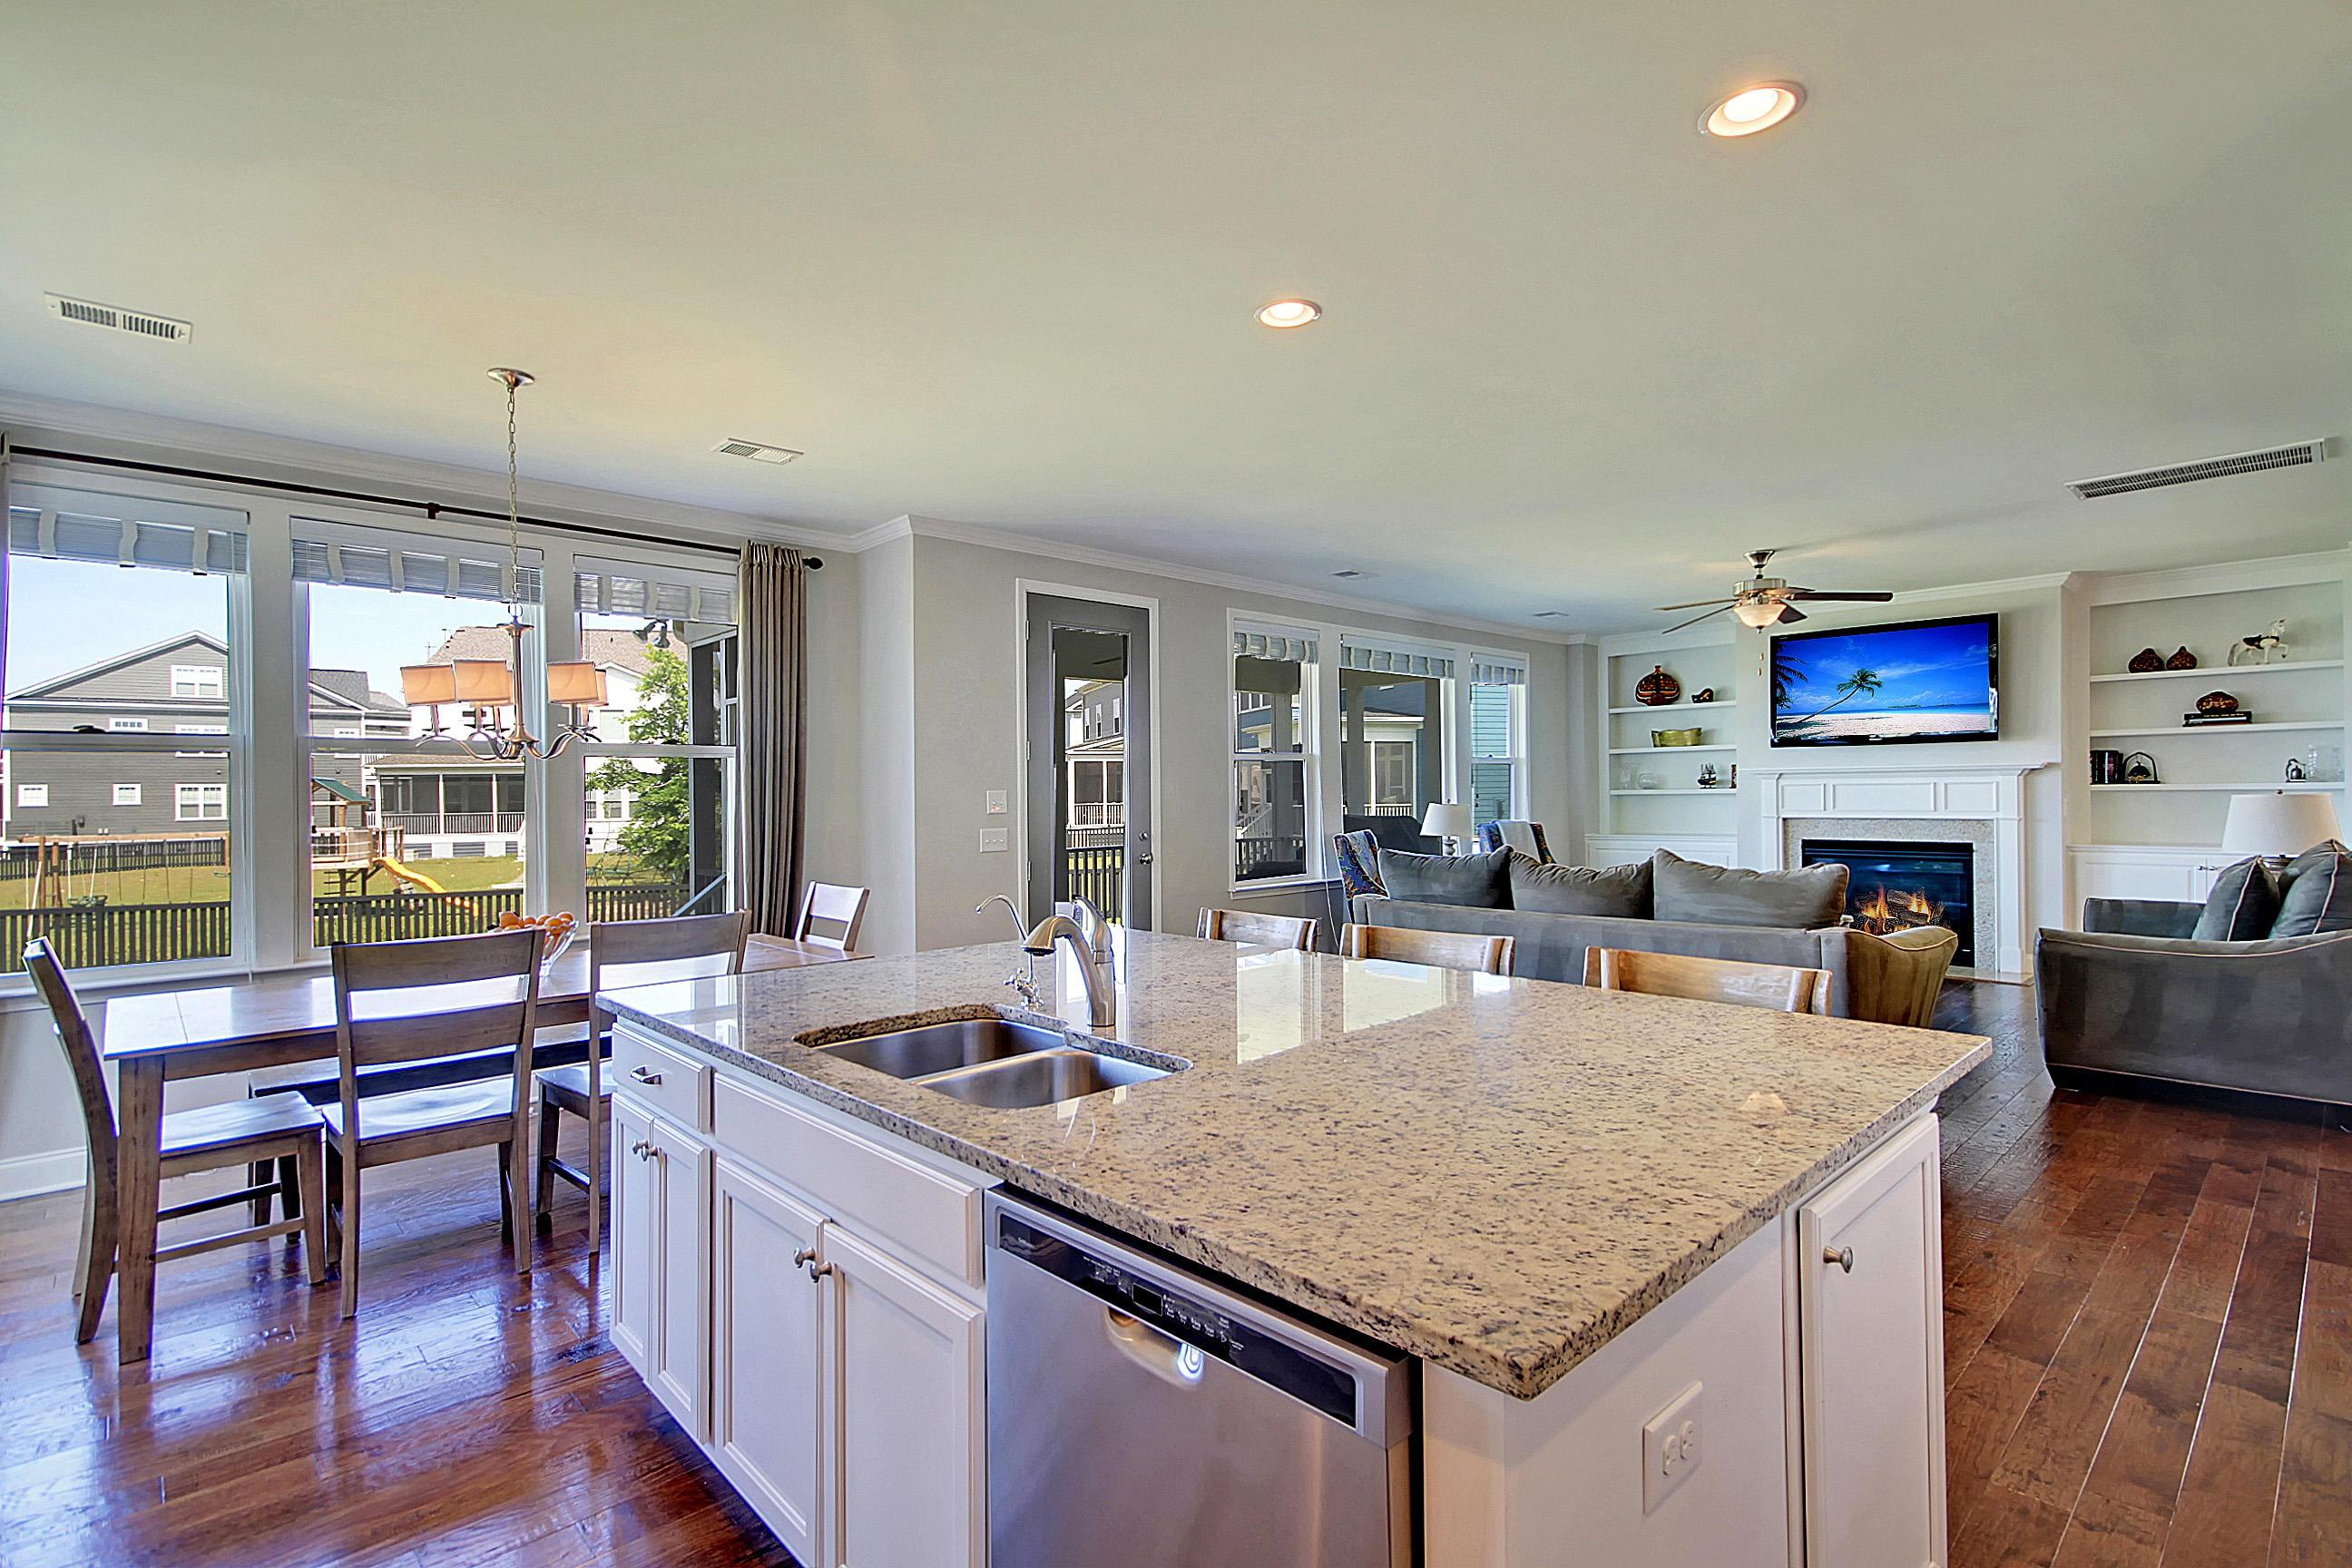 Dunes West Homes For Sale - 1420 Trip Line, Mount Pleasant, SC - 16